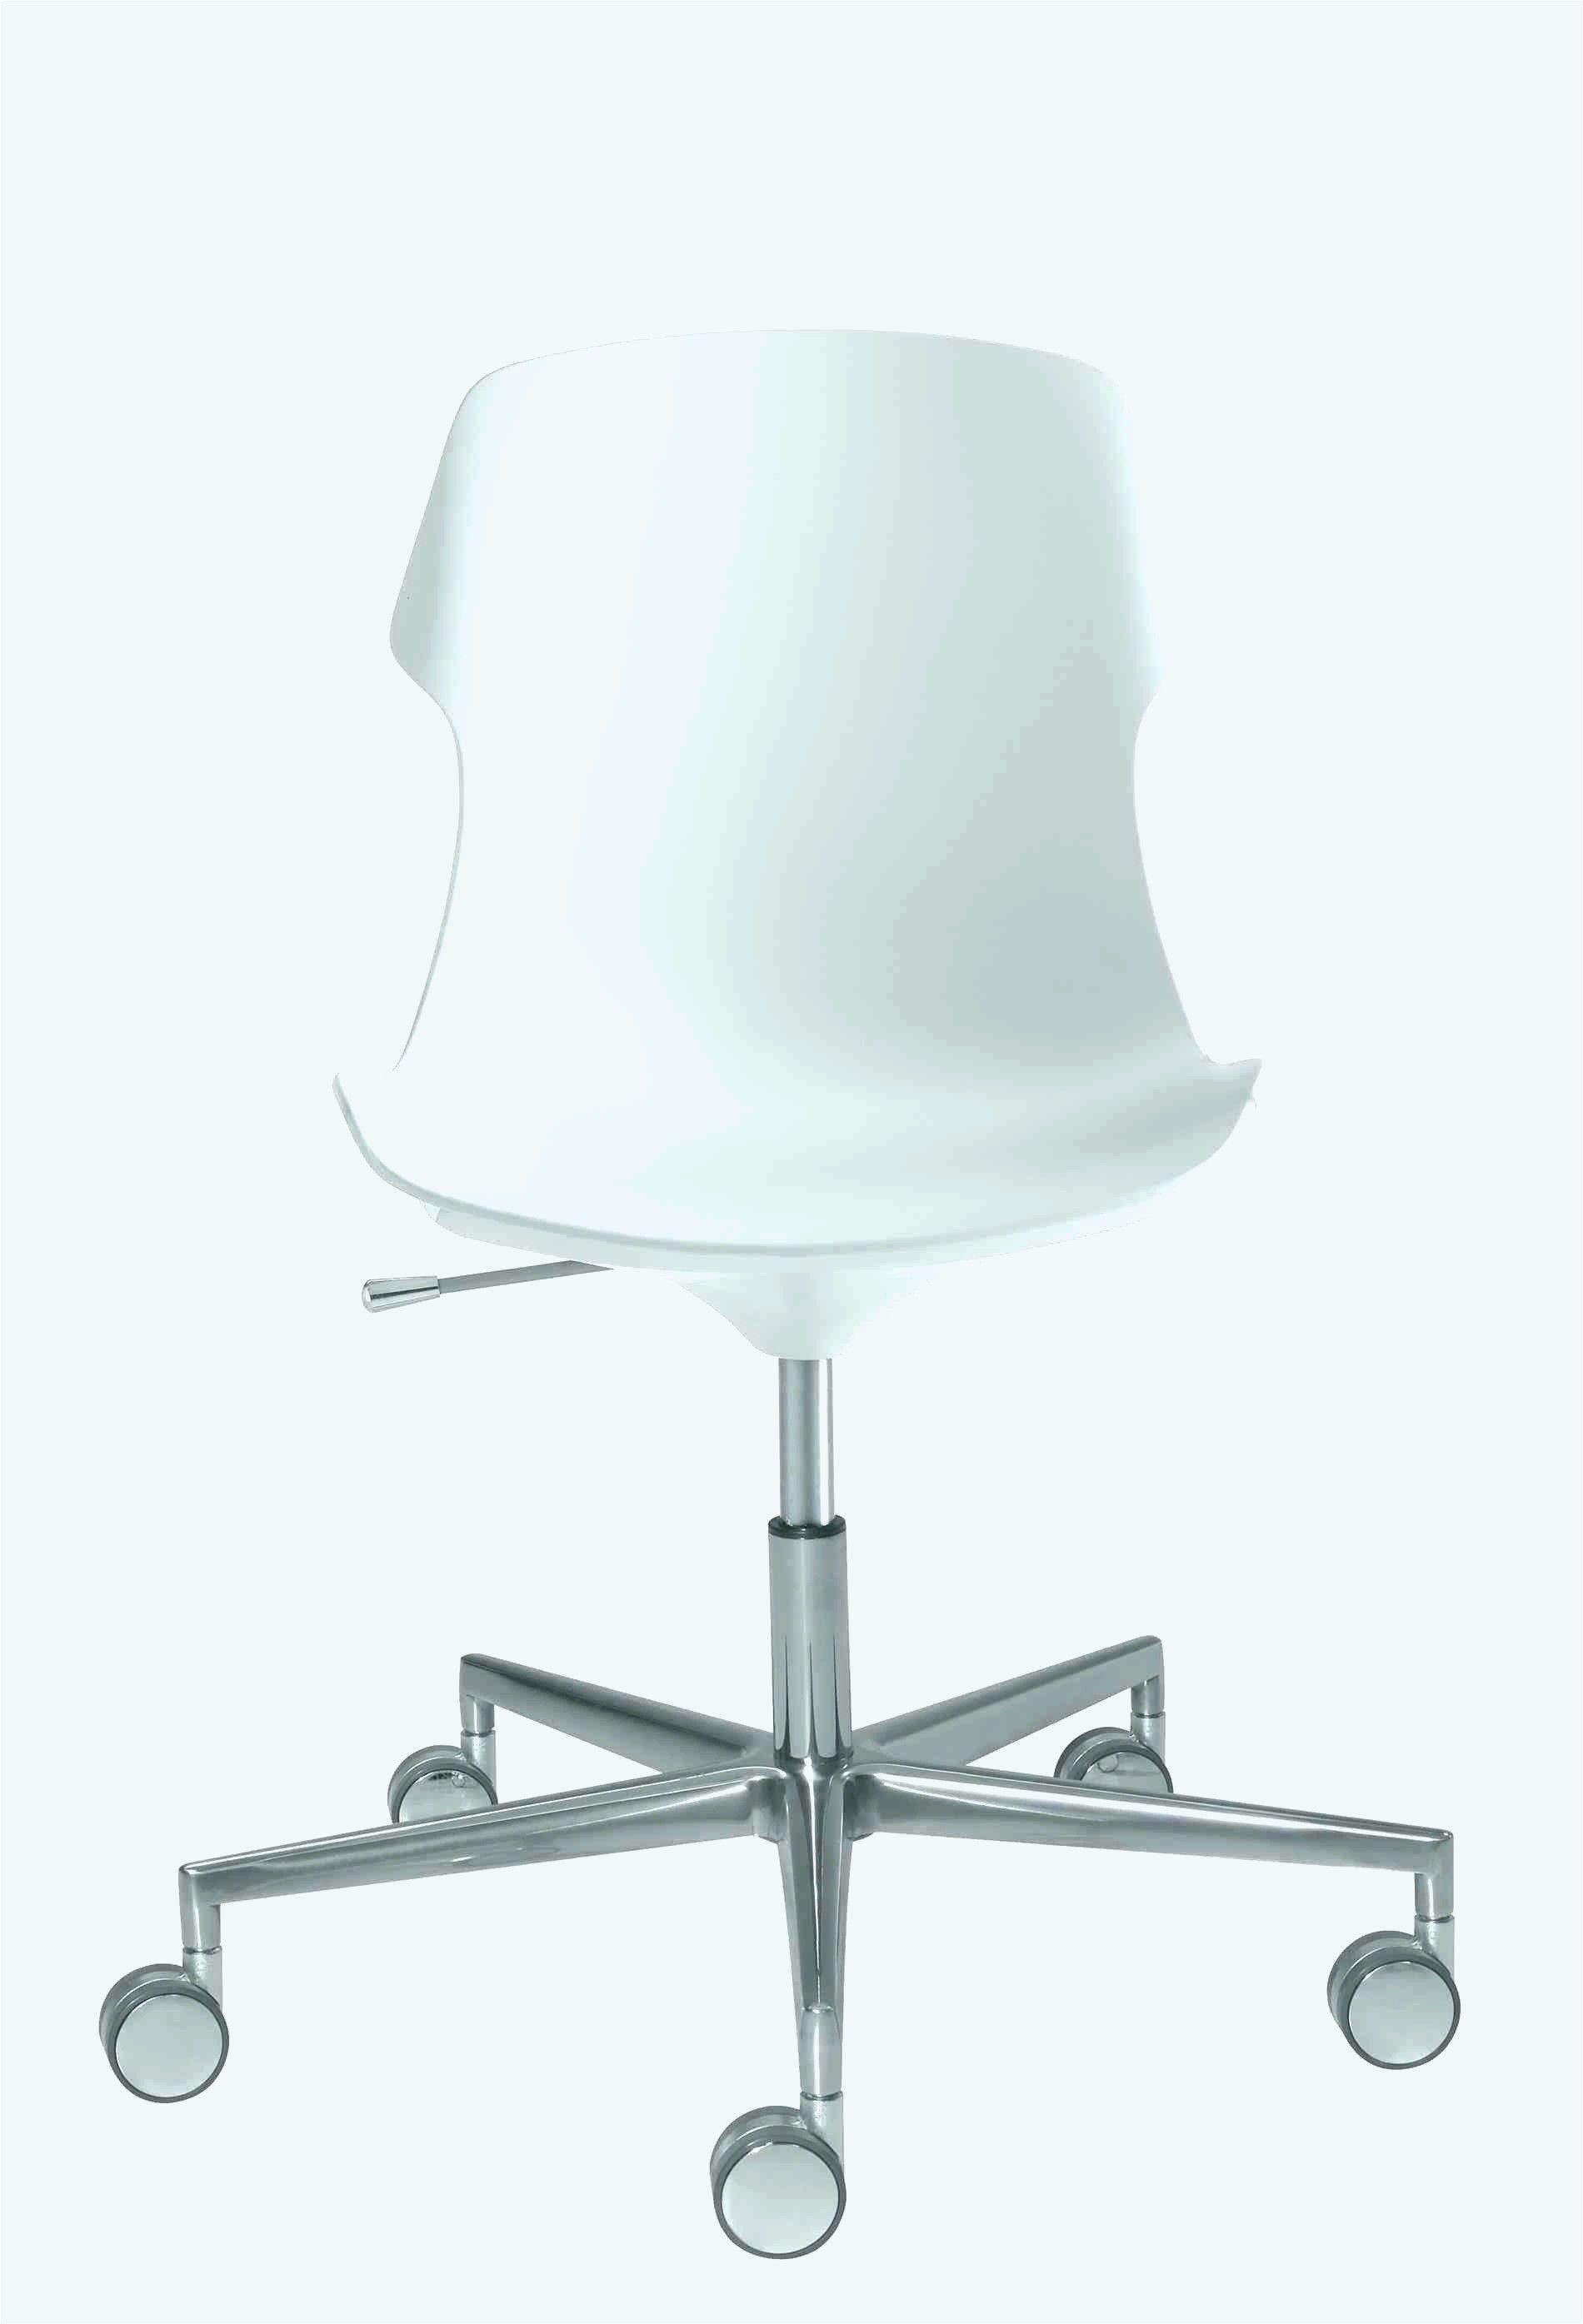 35 Nouveau Chaise Assise 65 Cm Idees Inspirantes Chaise Assise Rangement Salle De Bain Chaise Bureau Fauteuil Bureau